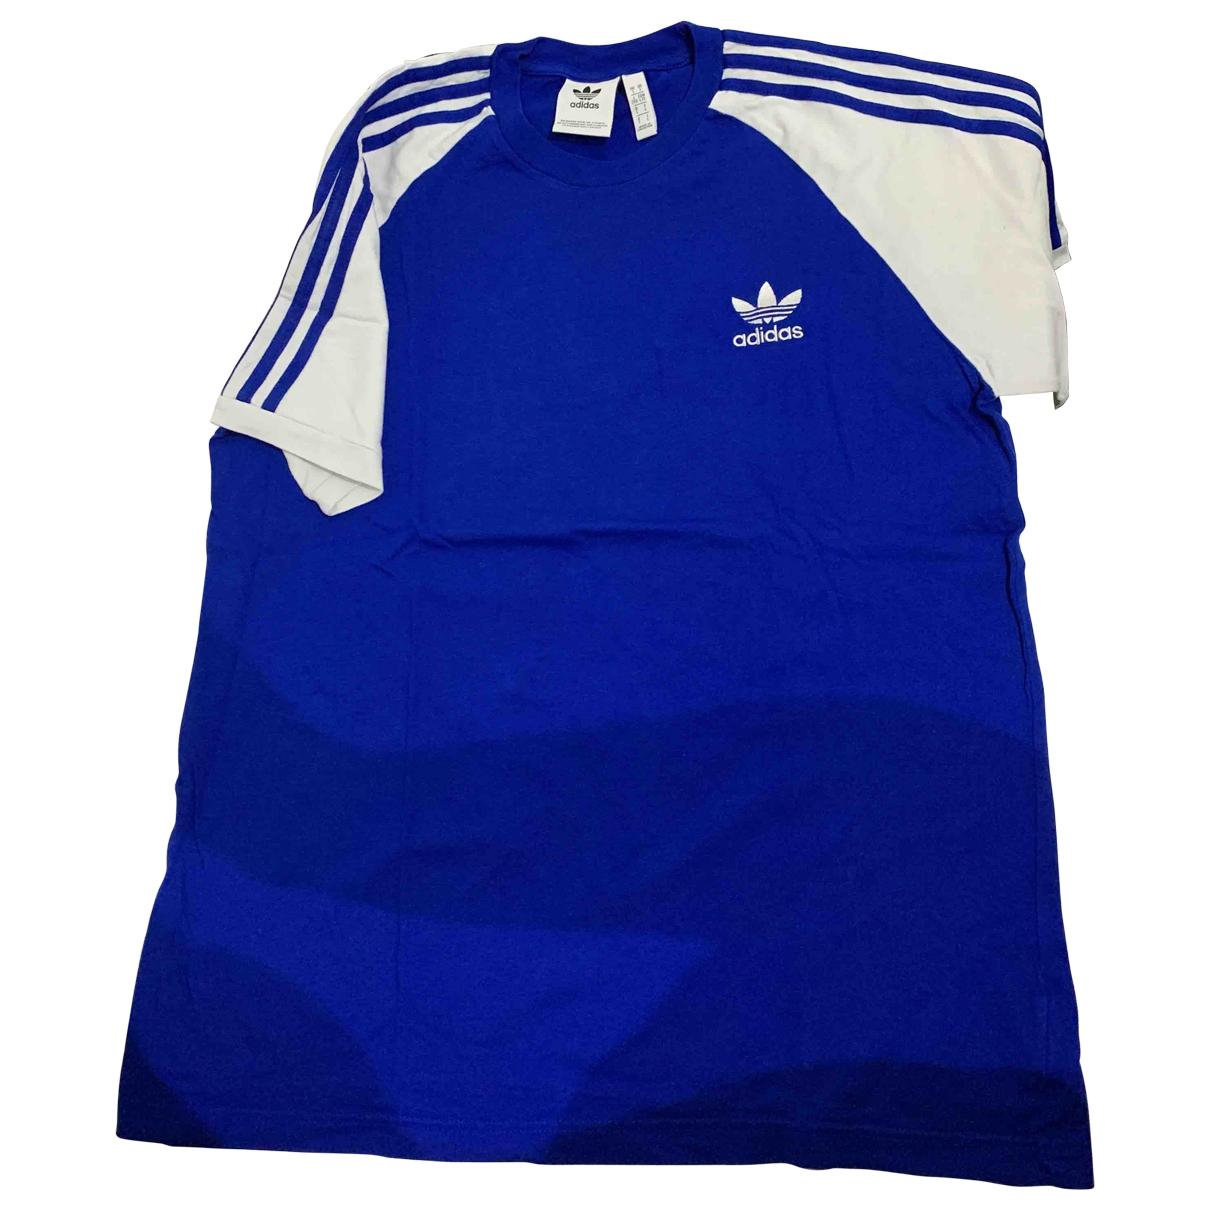 Adidas - Tee shirts   pour homme en coton - bleu